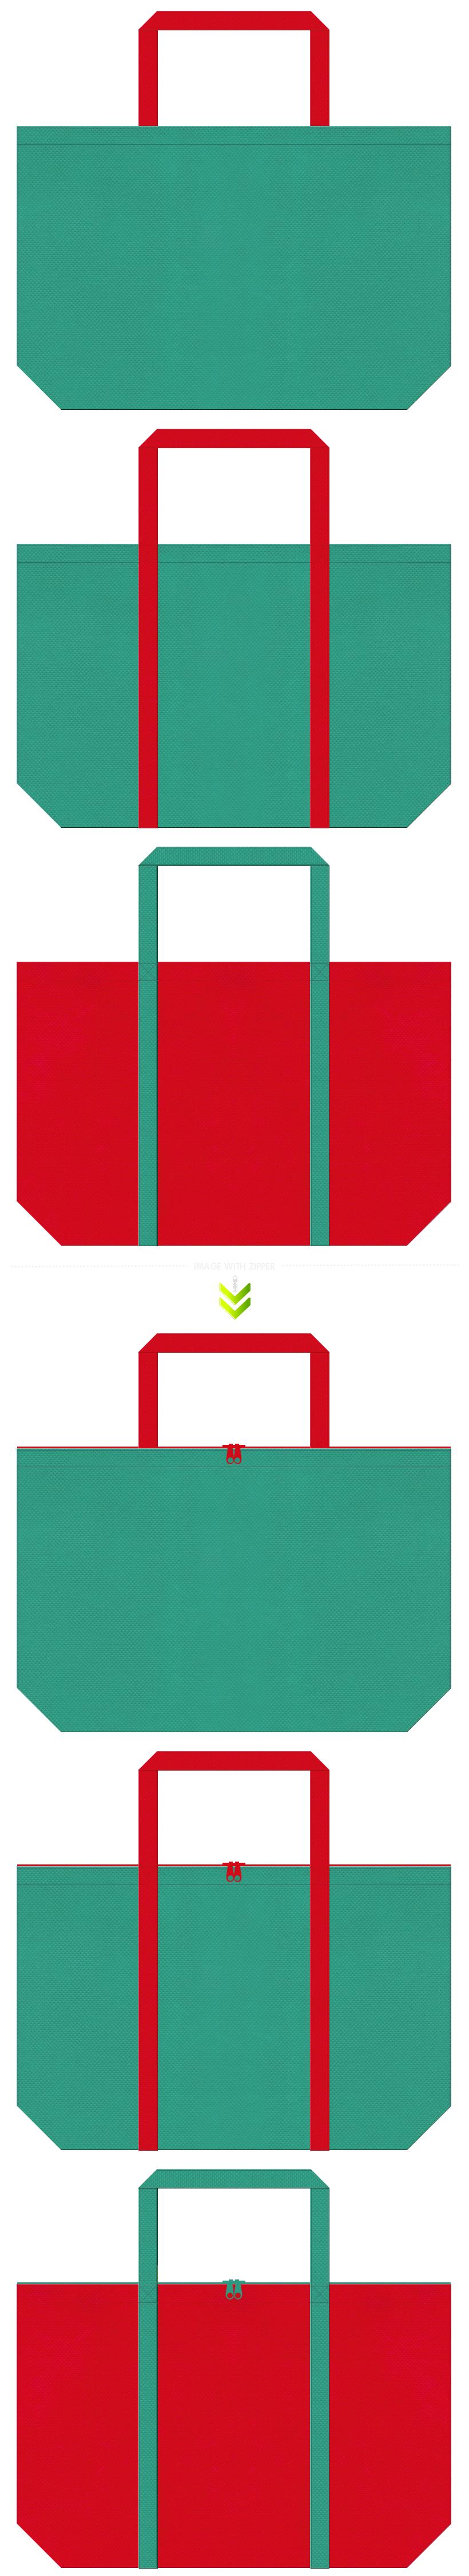 茶会・野点傘・琉球舞踊・観光地のショッピングバッグにお奨めの不織布バッグデザイン:青緑色と紅色のコーデ